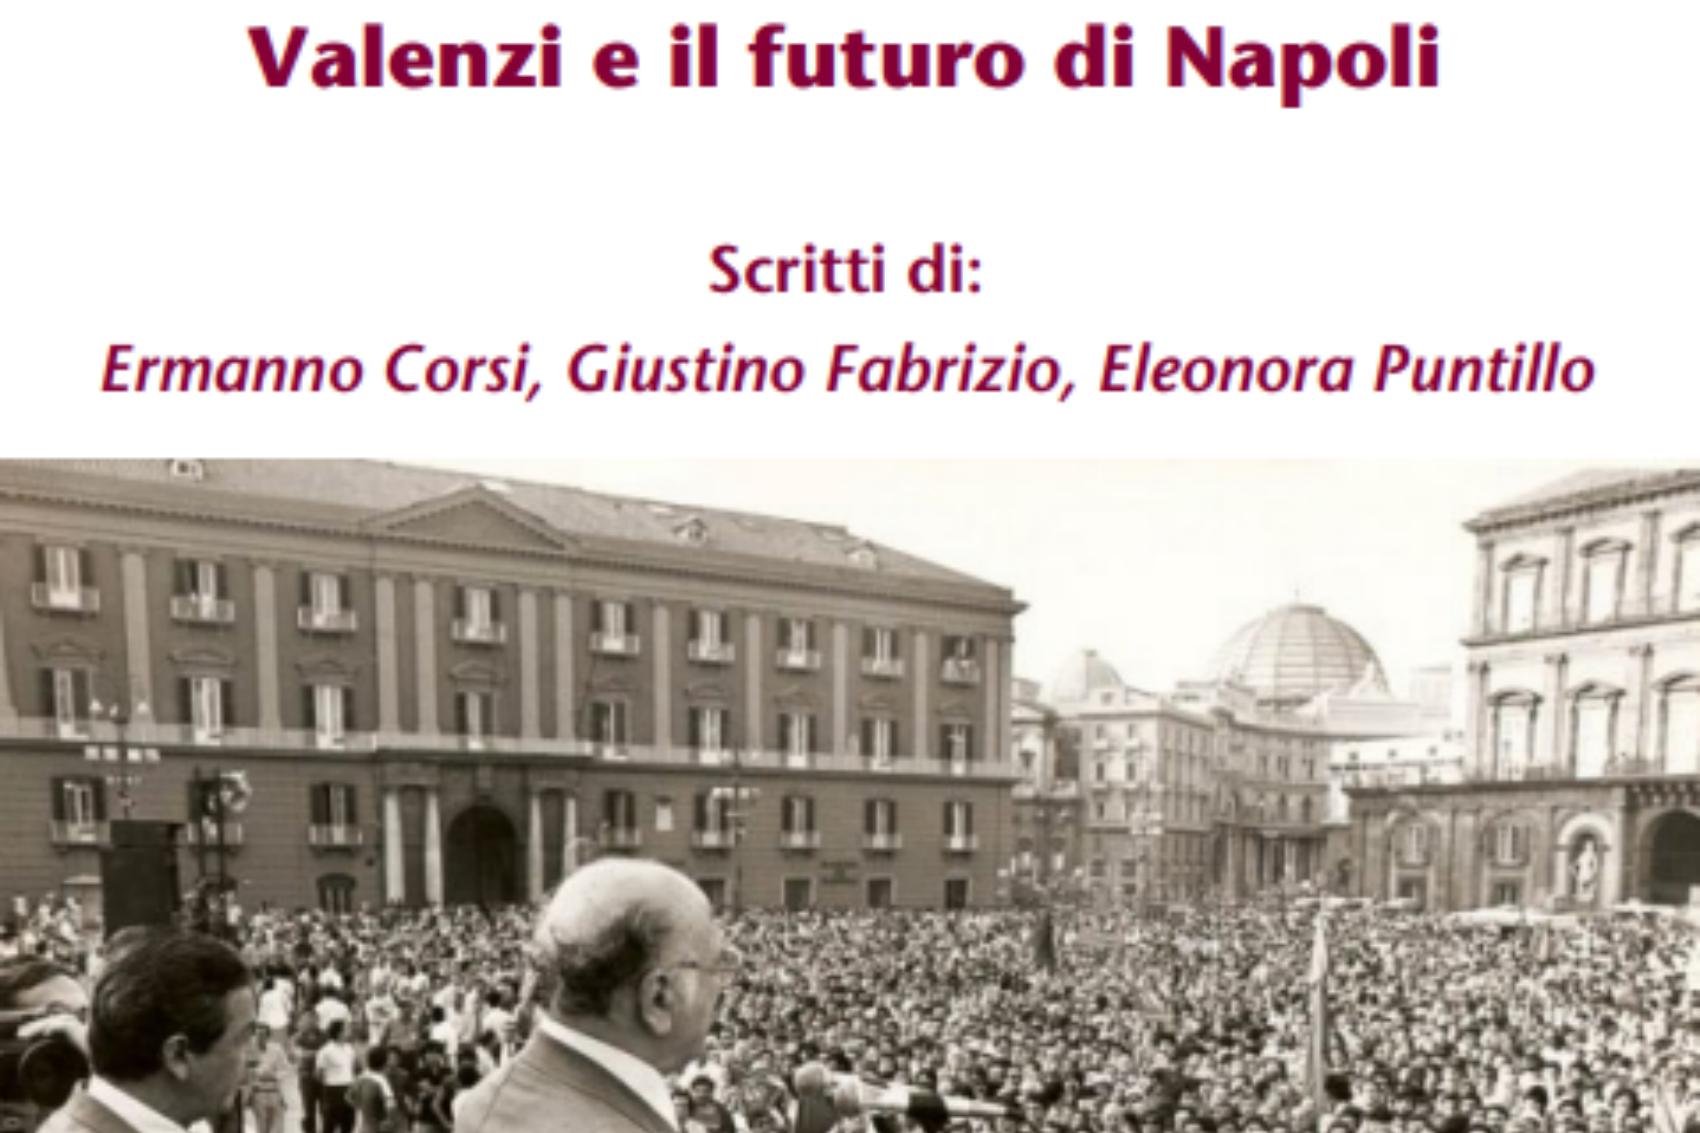 Il sindaco Rosso; Valenzi; Napoli